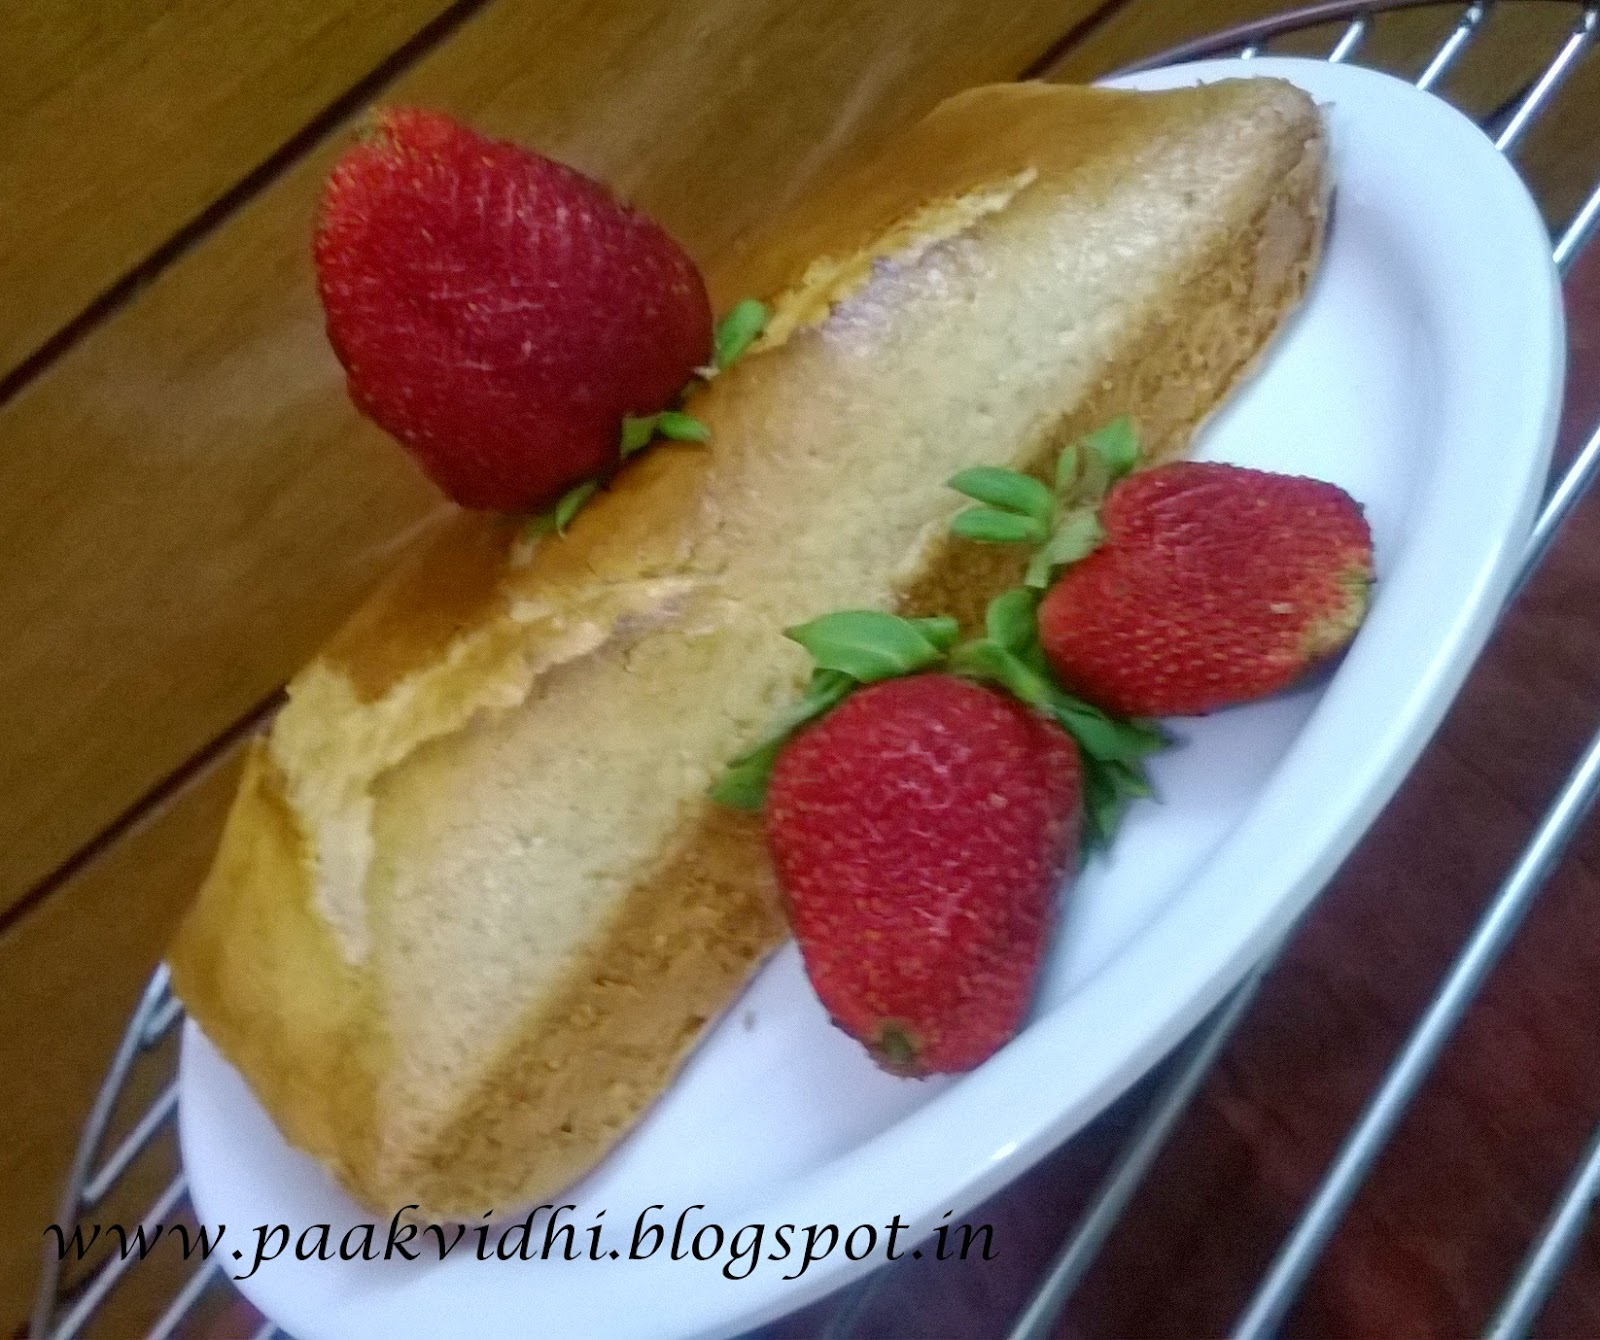 http://paakvidhi.blogspot.in/2014/03/eggless-sponge-cake-recipe.html